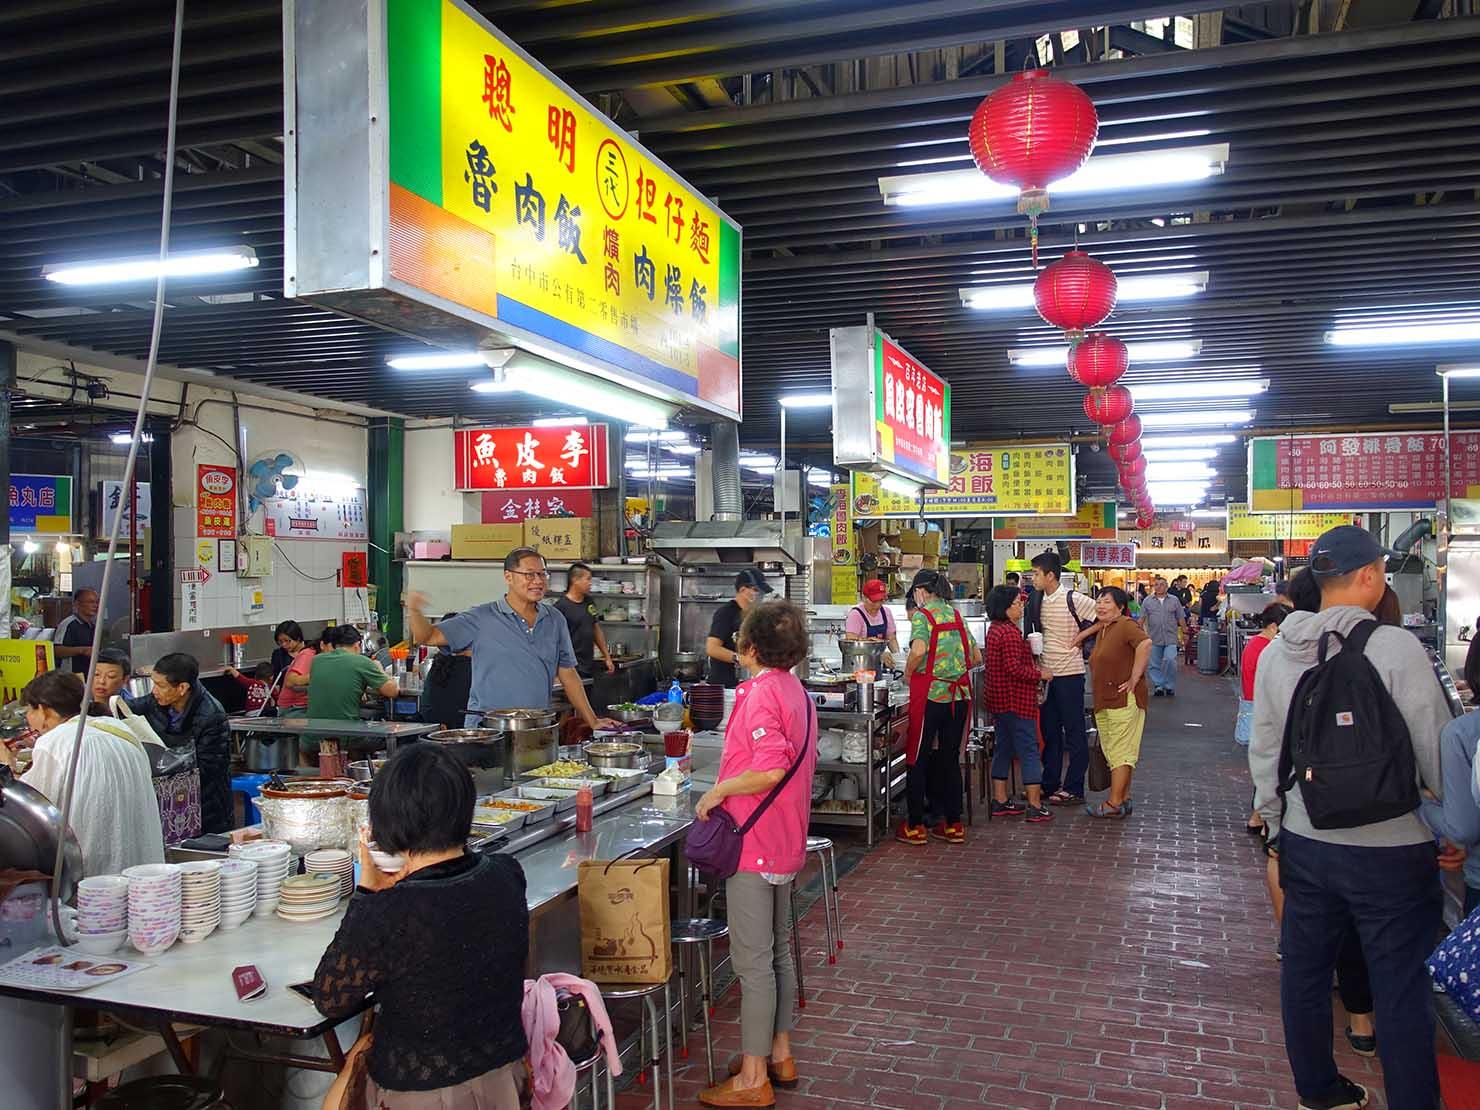 台中観光のおすすめスポット「第二市場」に並ぶグルメ店